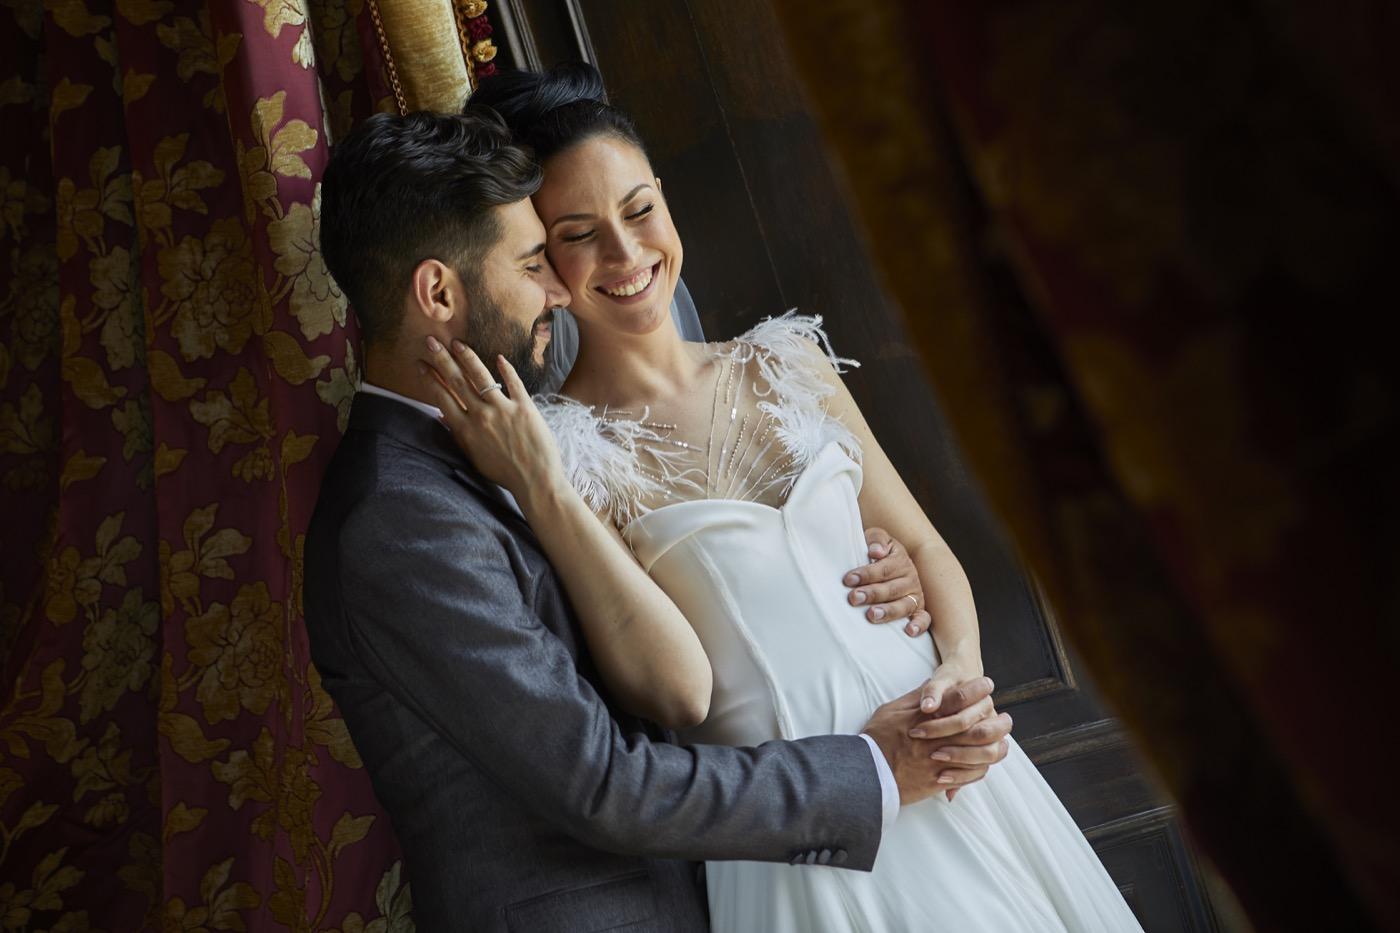 Claudio-Coppola-wedding-photographer-villa-del-cardinale-rocca-di-papa-castel-gandolfo-52